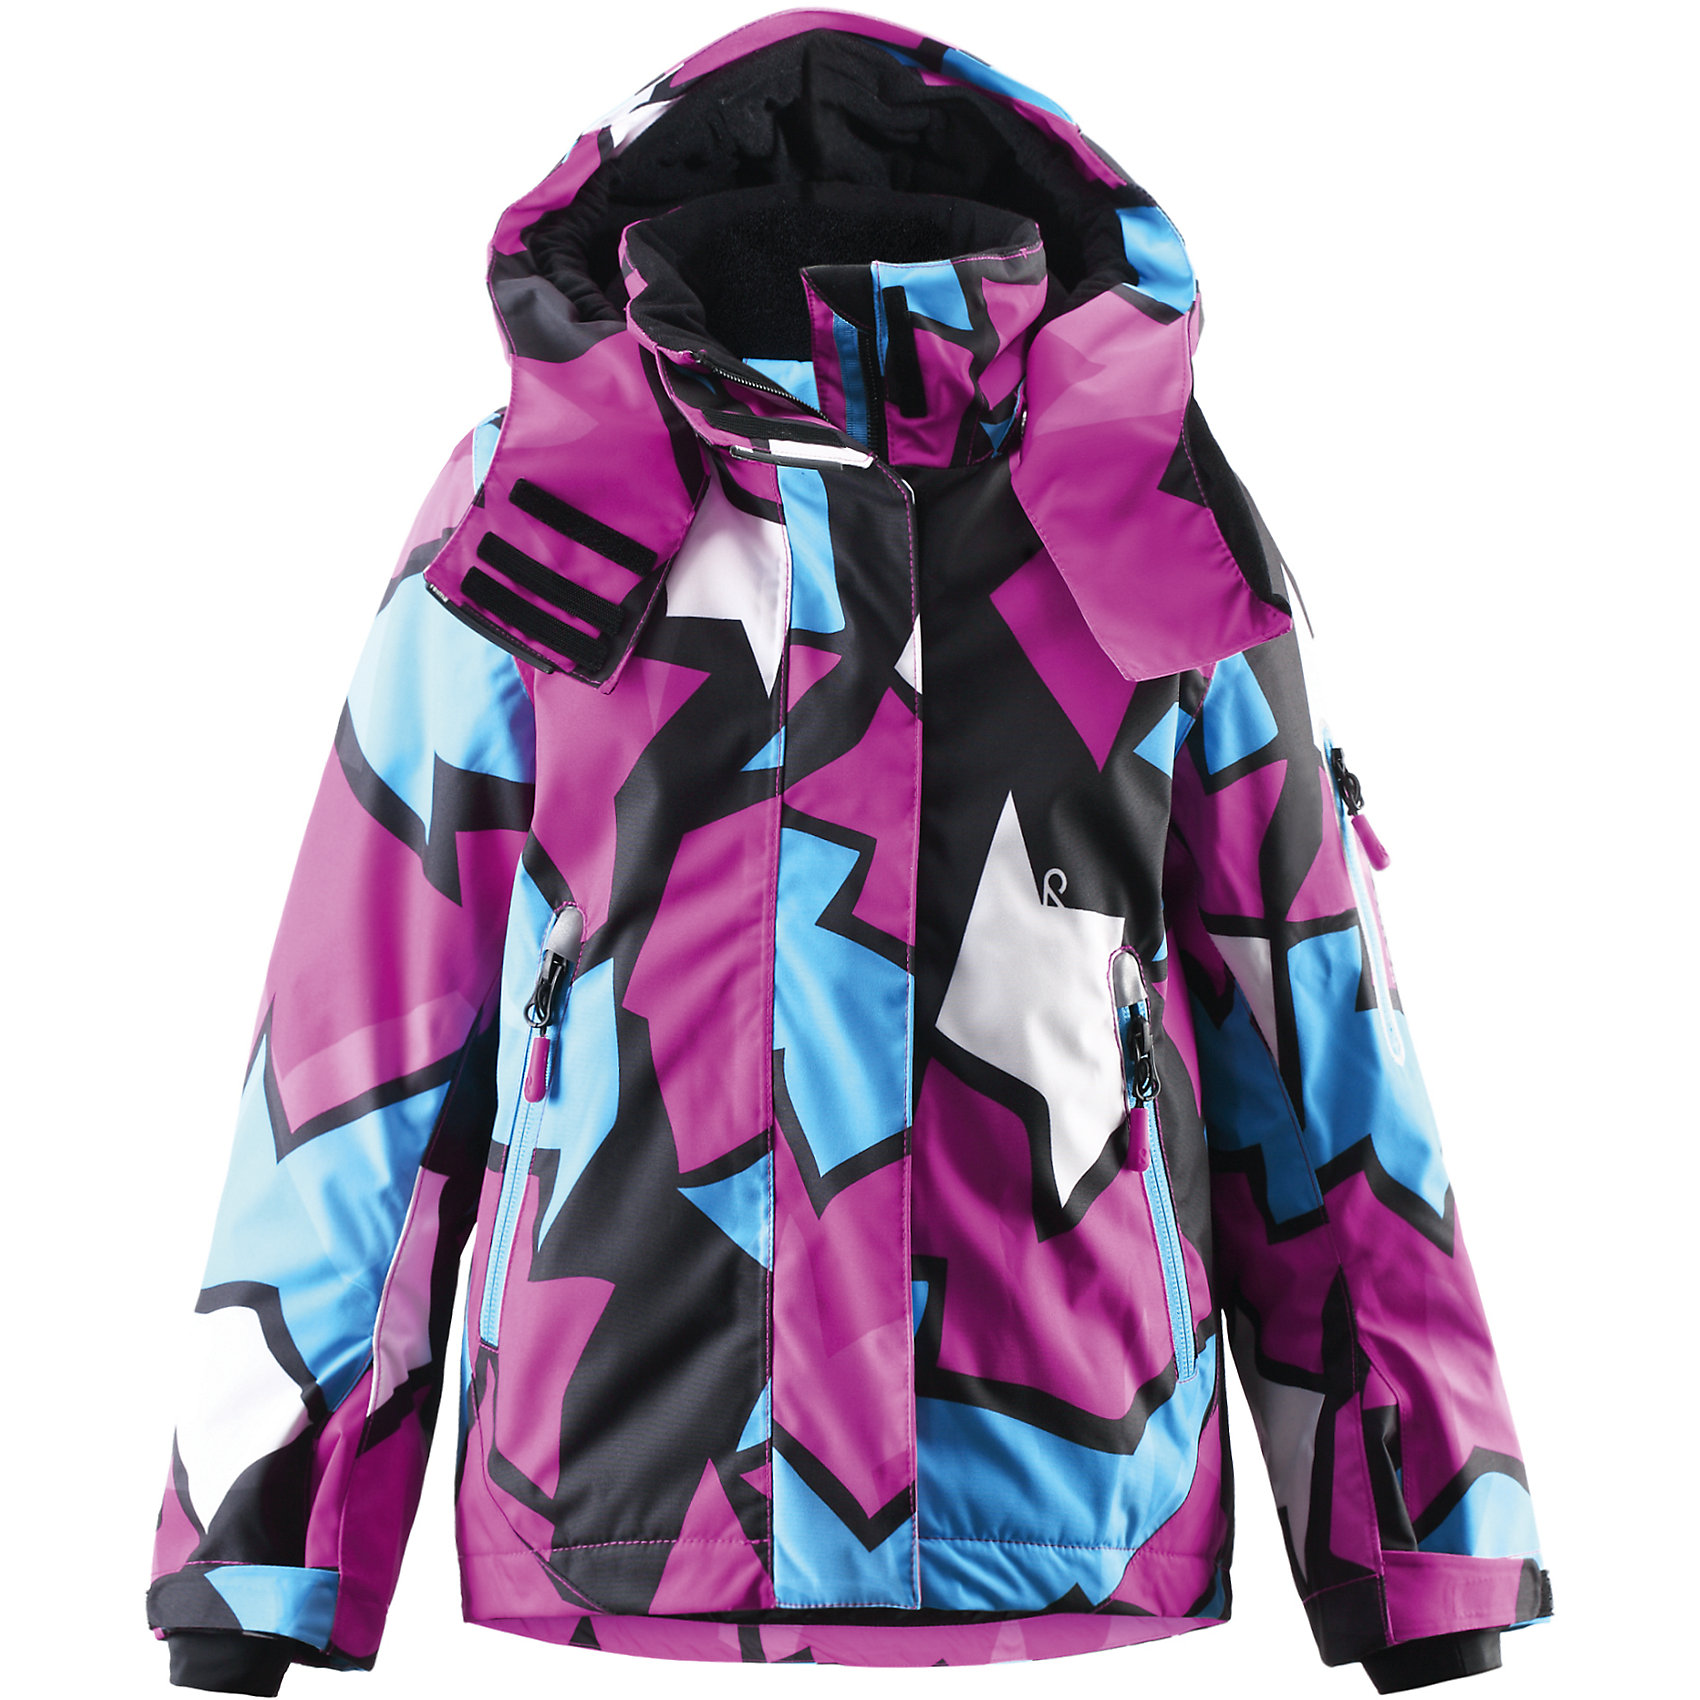 Куртка Roxana для девочки Reimatec® ReimaОдежда<br>Куртка для девочки Reimatec® Reima<br>Зимняя куртка для детей. Все швы проклеены и водонепроницаемы. Водо- и ветронепроницаемый «дышащий» материал. Крой для девочек. Гладкая подкладка из полиэстра. Безопасный, отстегивающийся и регулируемый капюшон. Регулируемые манжеты и внутренние манжеты из лайкры. Регулируемый подол, снегозащитный манжет на талии. Новая усовершенствованная молния — больше не застревает! Карман для очков и внутренний нагрудный карман. Карманы на молнии. Карман на рукаве с пластинчатым разъемом для датчика ReimaGO®. Принт по всей поверхности.<br>Утеплитель: Reima® Flex insulation,140 g<br>Уход:<br>Стирать по отдельности, вывернув наизнанку. Застегнуть молнии и липучки. Стирать моющим средством, не содержащим отбеливающие вещества. Полоскать без специального средства. Во избежание изменения цвета изделие необходимо вынуть из стиральной машинки незамедлительно после окончания программы стирки. Можно сушить в сушильном шкафу или центрифуге (макс. 40° C).<br>Состав:<br>100% Полиамид, полиуретановое покрытие<br><br>Ширина мм: 356<br>Глубина мм: 10<br>Высота мм: 245<br>Вес г: 519<br>Цвет: розовый<br>Возраст от месяцев: 84<br>Возраст до месяцев: 96<br>Пол: Женский<br>Возраст: Детский<br>Размер: 128,134,122,92,110,116,104,140,98<br>SKU: 4776480